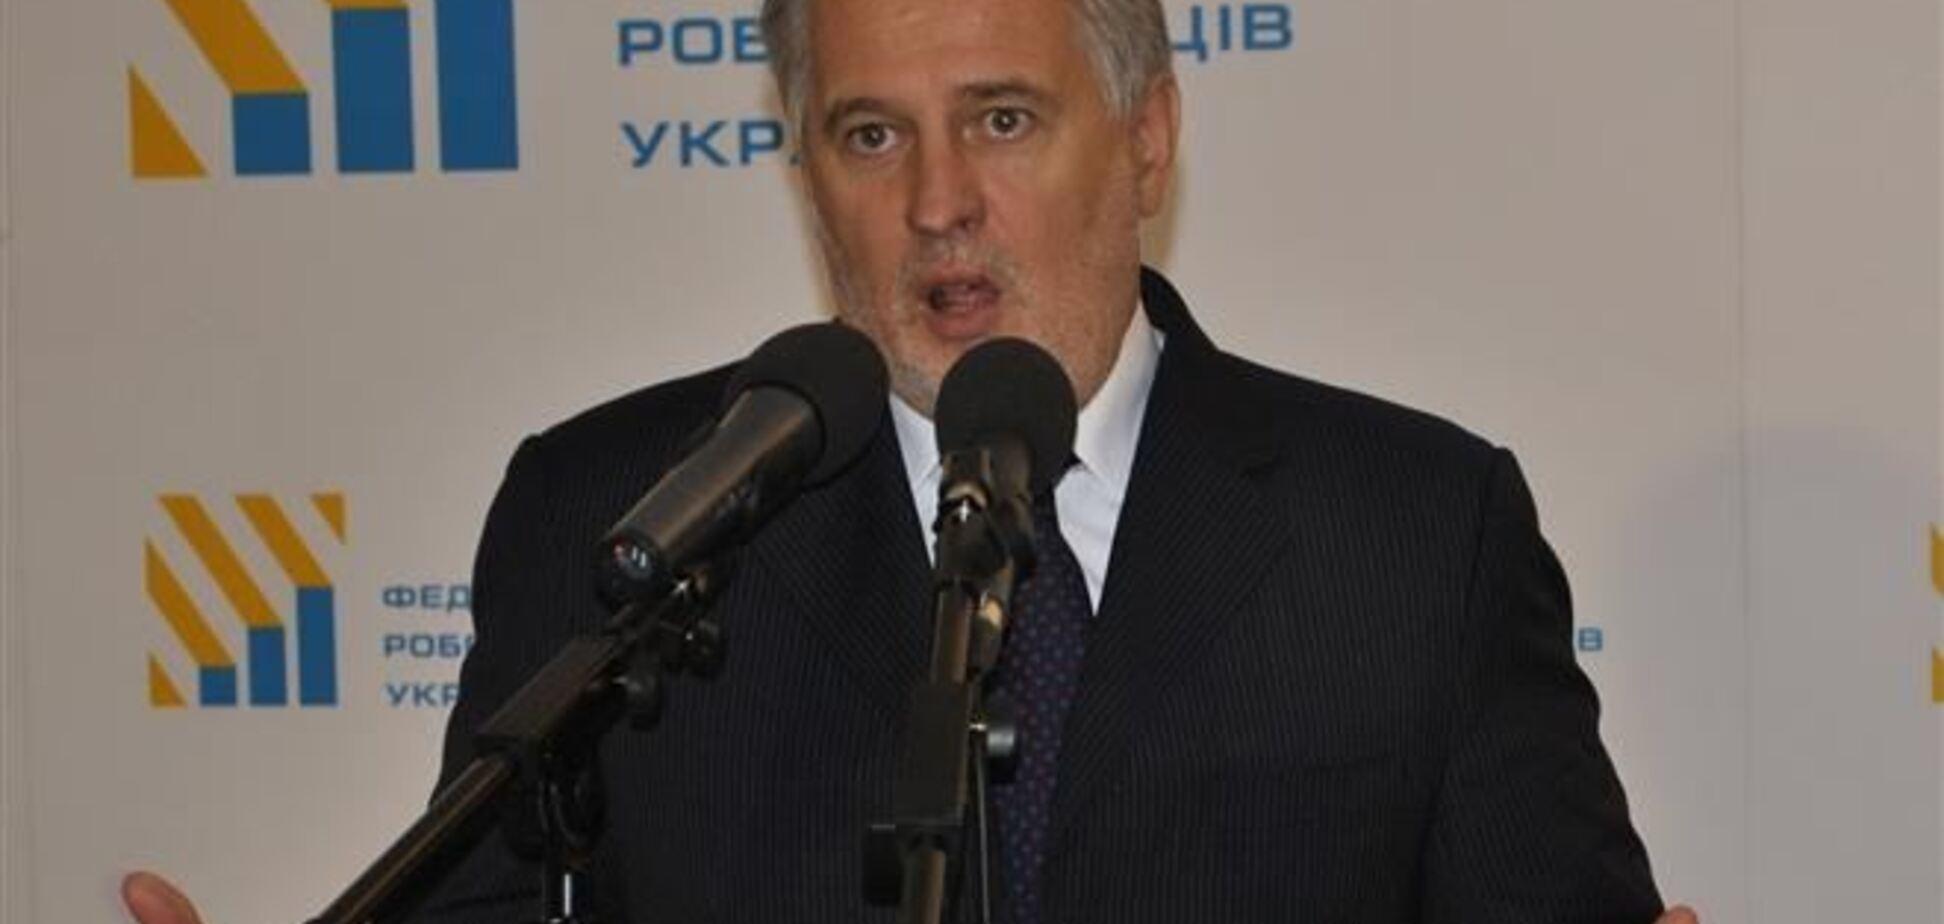 Фирташ резко осудил сепаратизм и призвал бизнес бойкотировать крымский референдум